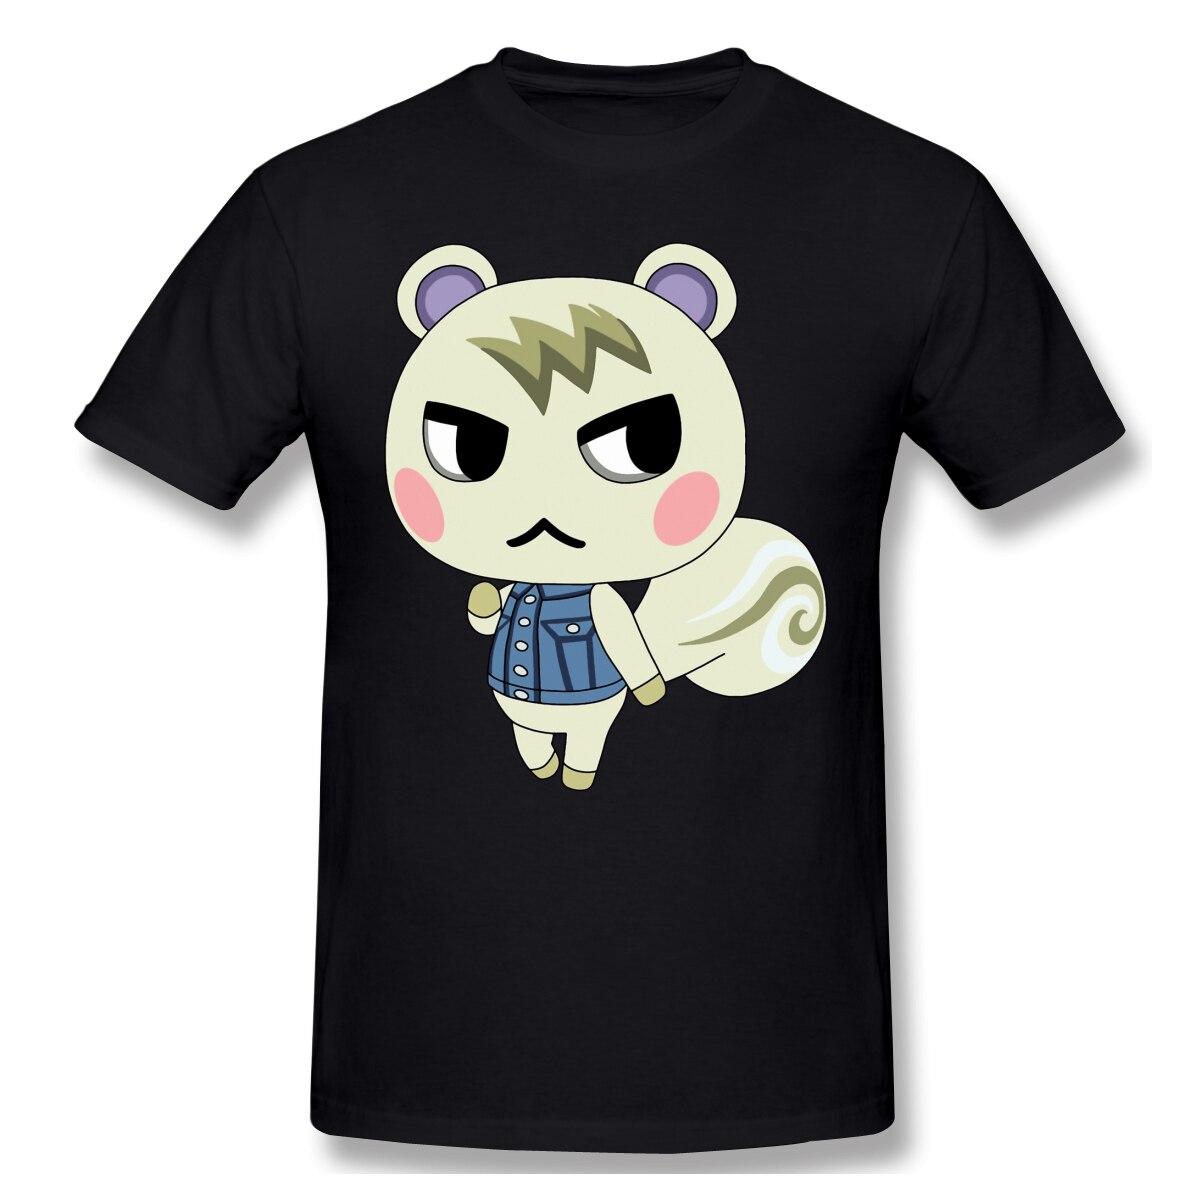 Мужские футболки с рисунком животных new horizons, забавный круглый Детский рюкзачок с вырезом, топы с короткими рукавами, футболки из чистого хлопка, футболки Harajuku